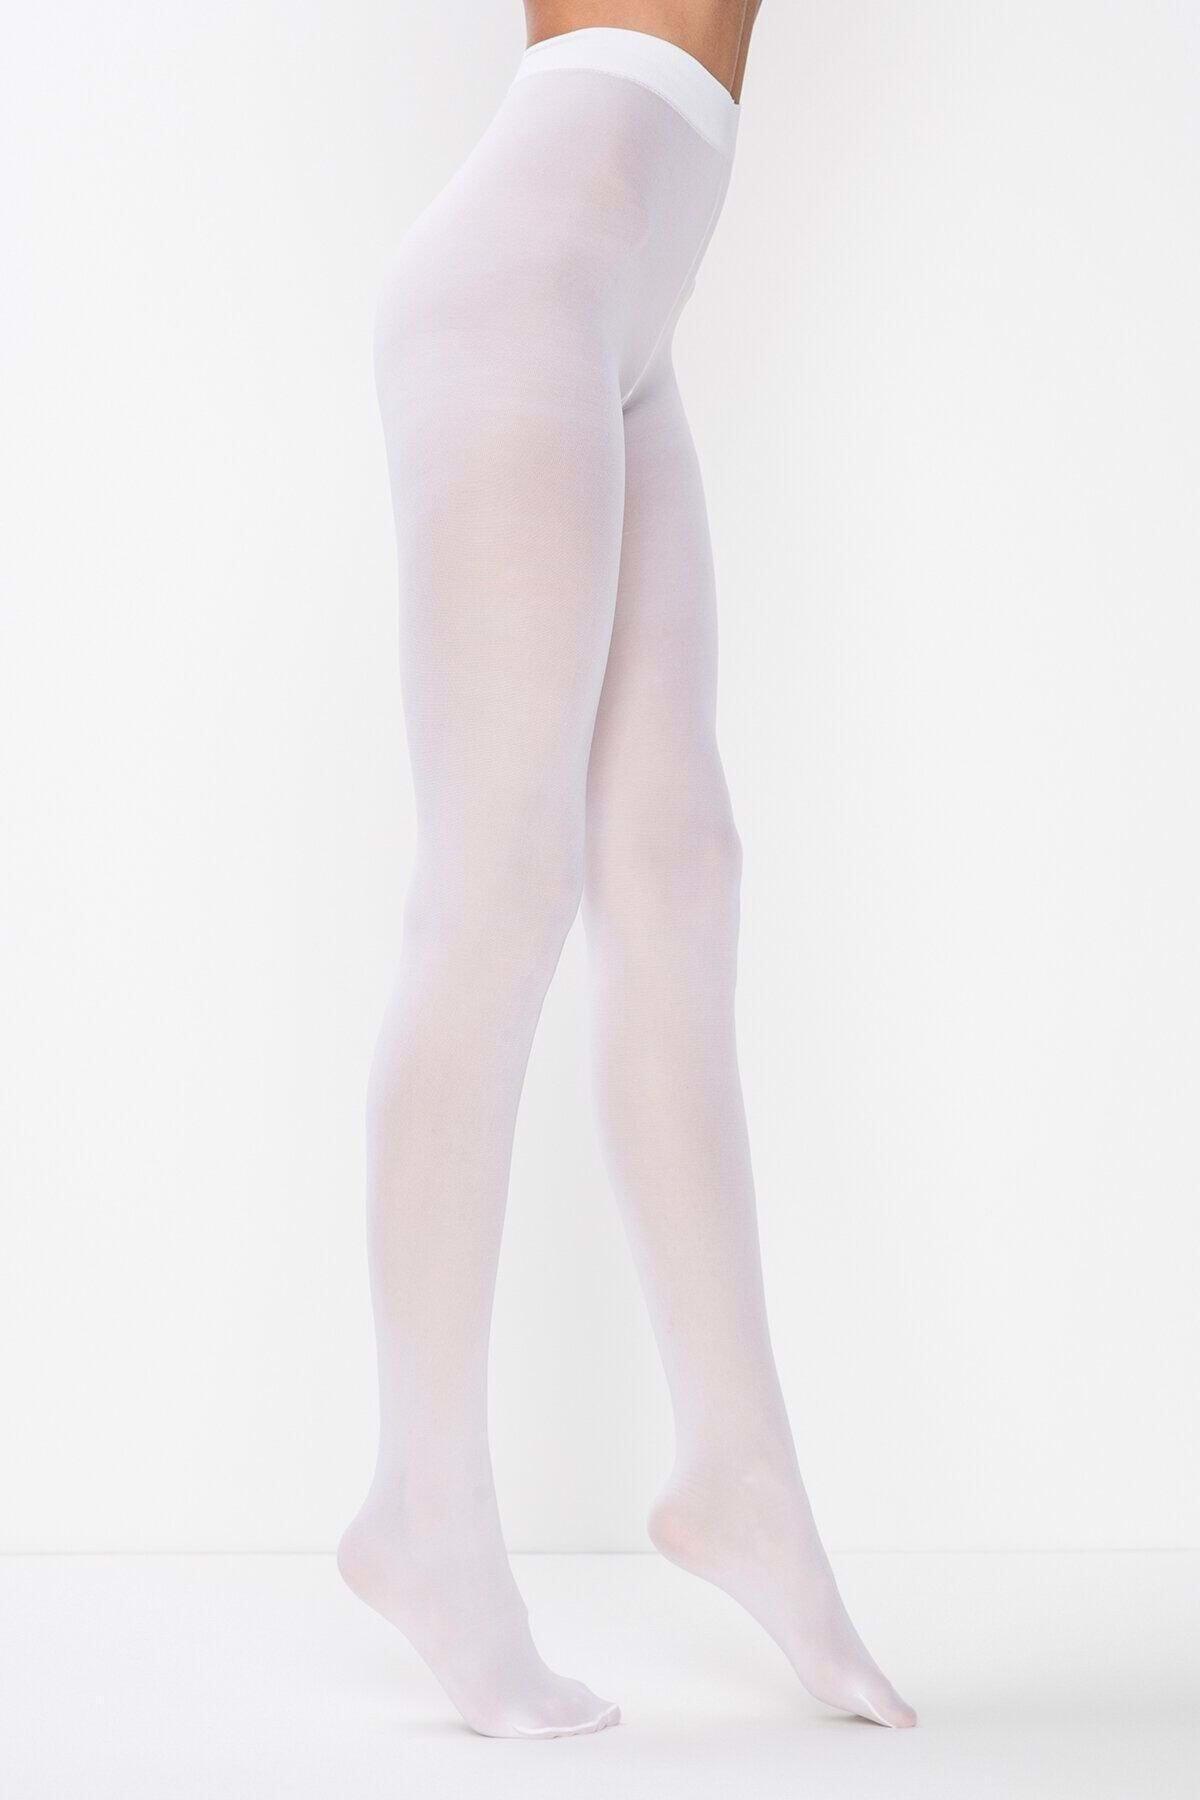 Kadın Beyaz Mikro 40 Külotlu Çorap